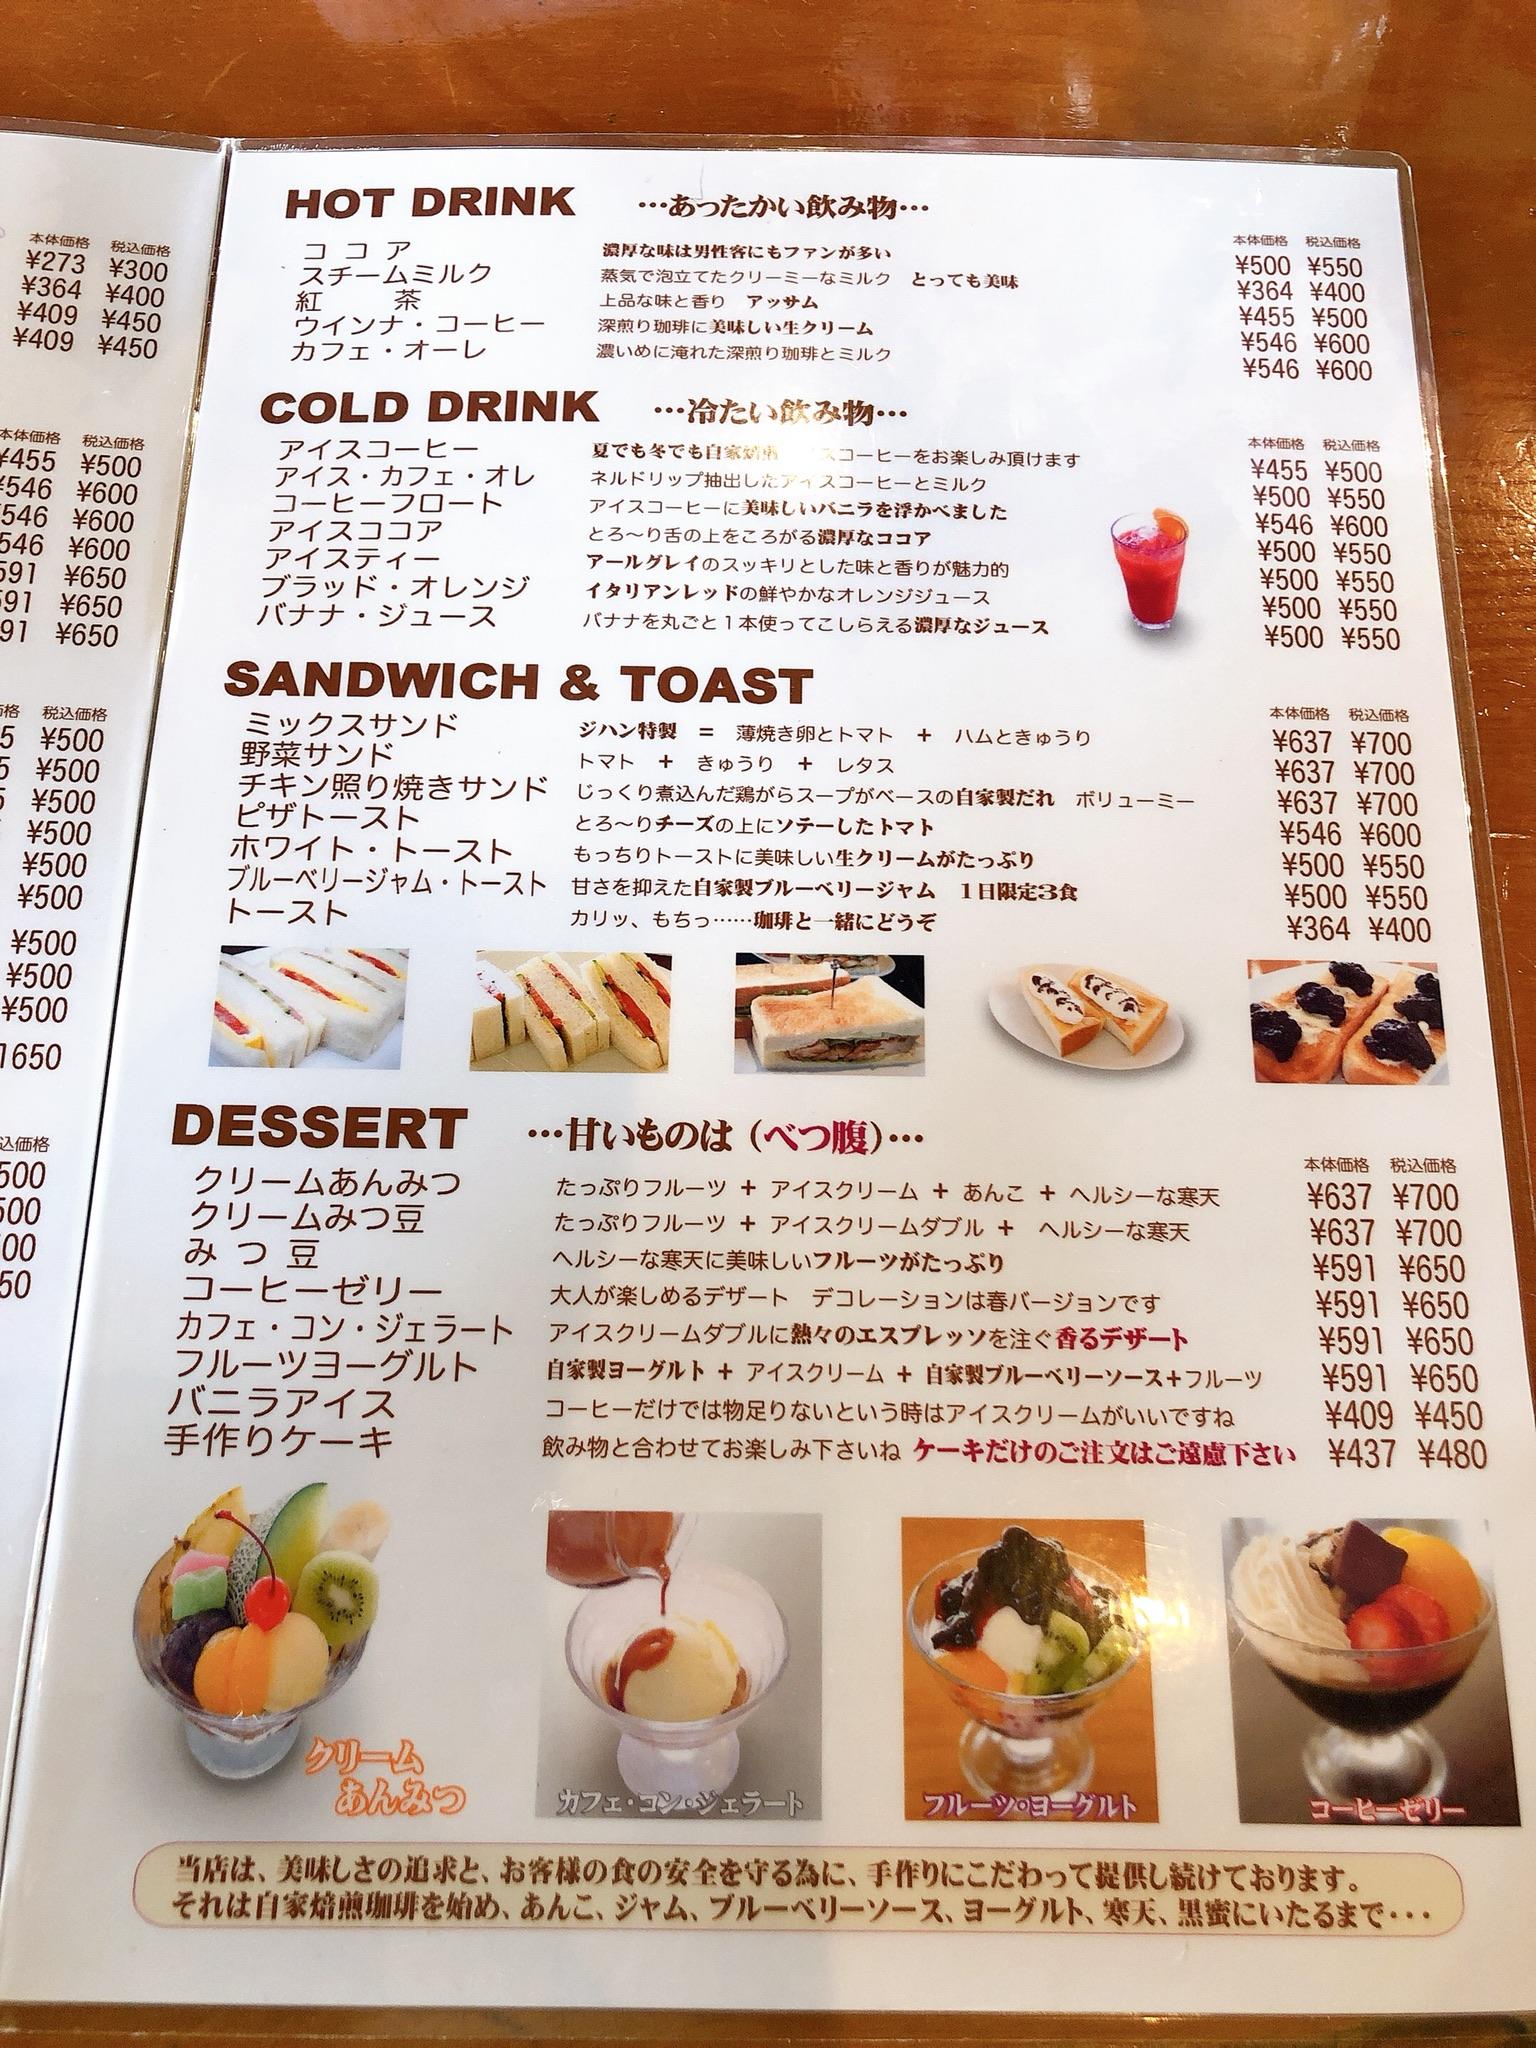 【#静岡カフェ】こだわり自家焙煎本格派コーヒーとふわふわ生キャラメルシフォンケーキが美味♡_4